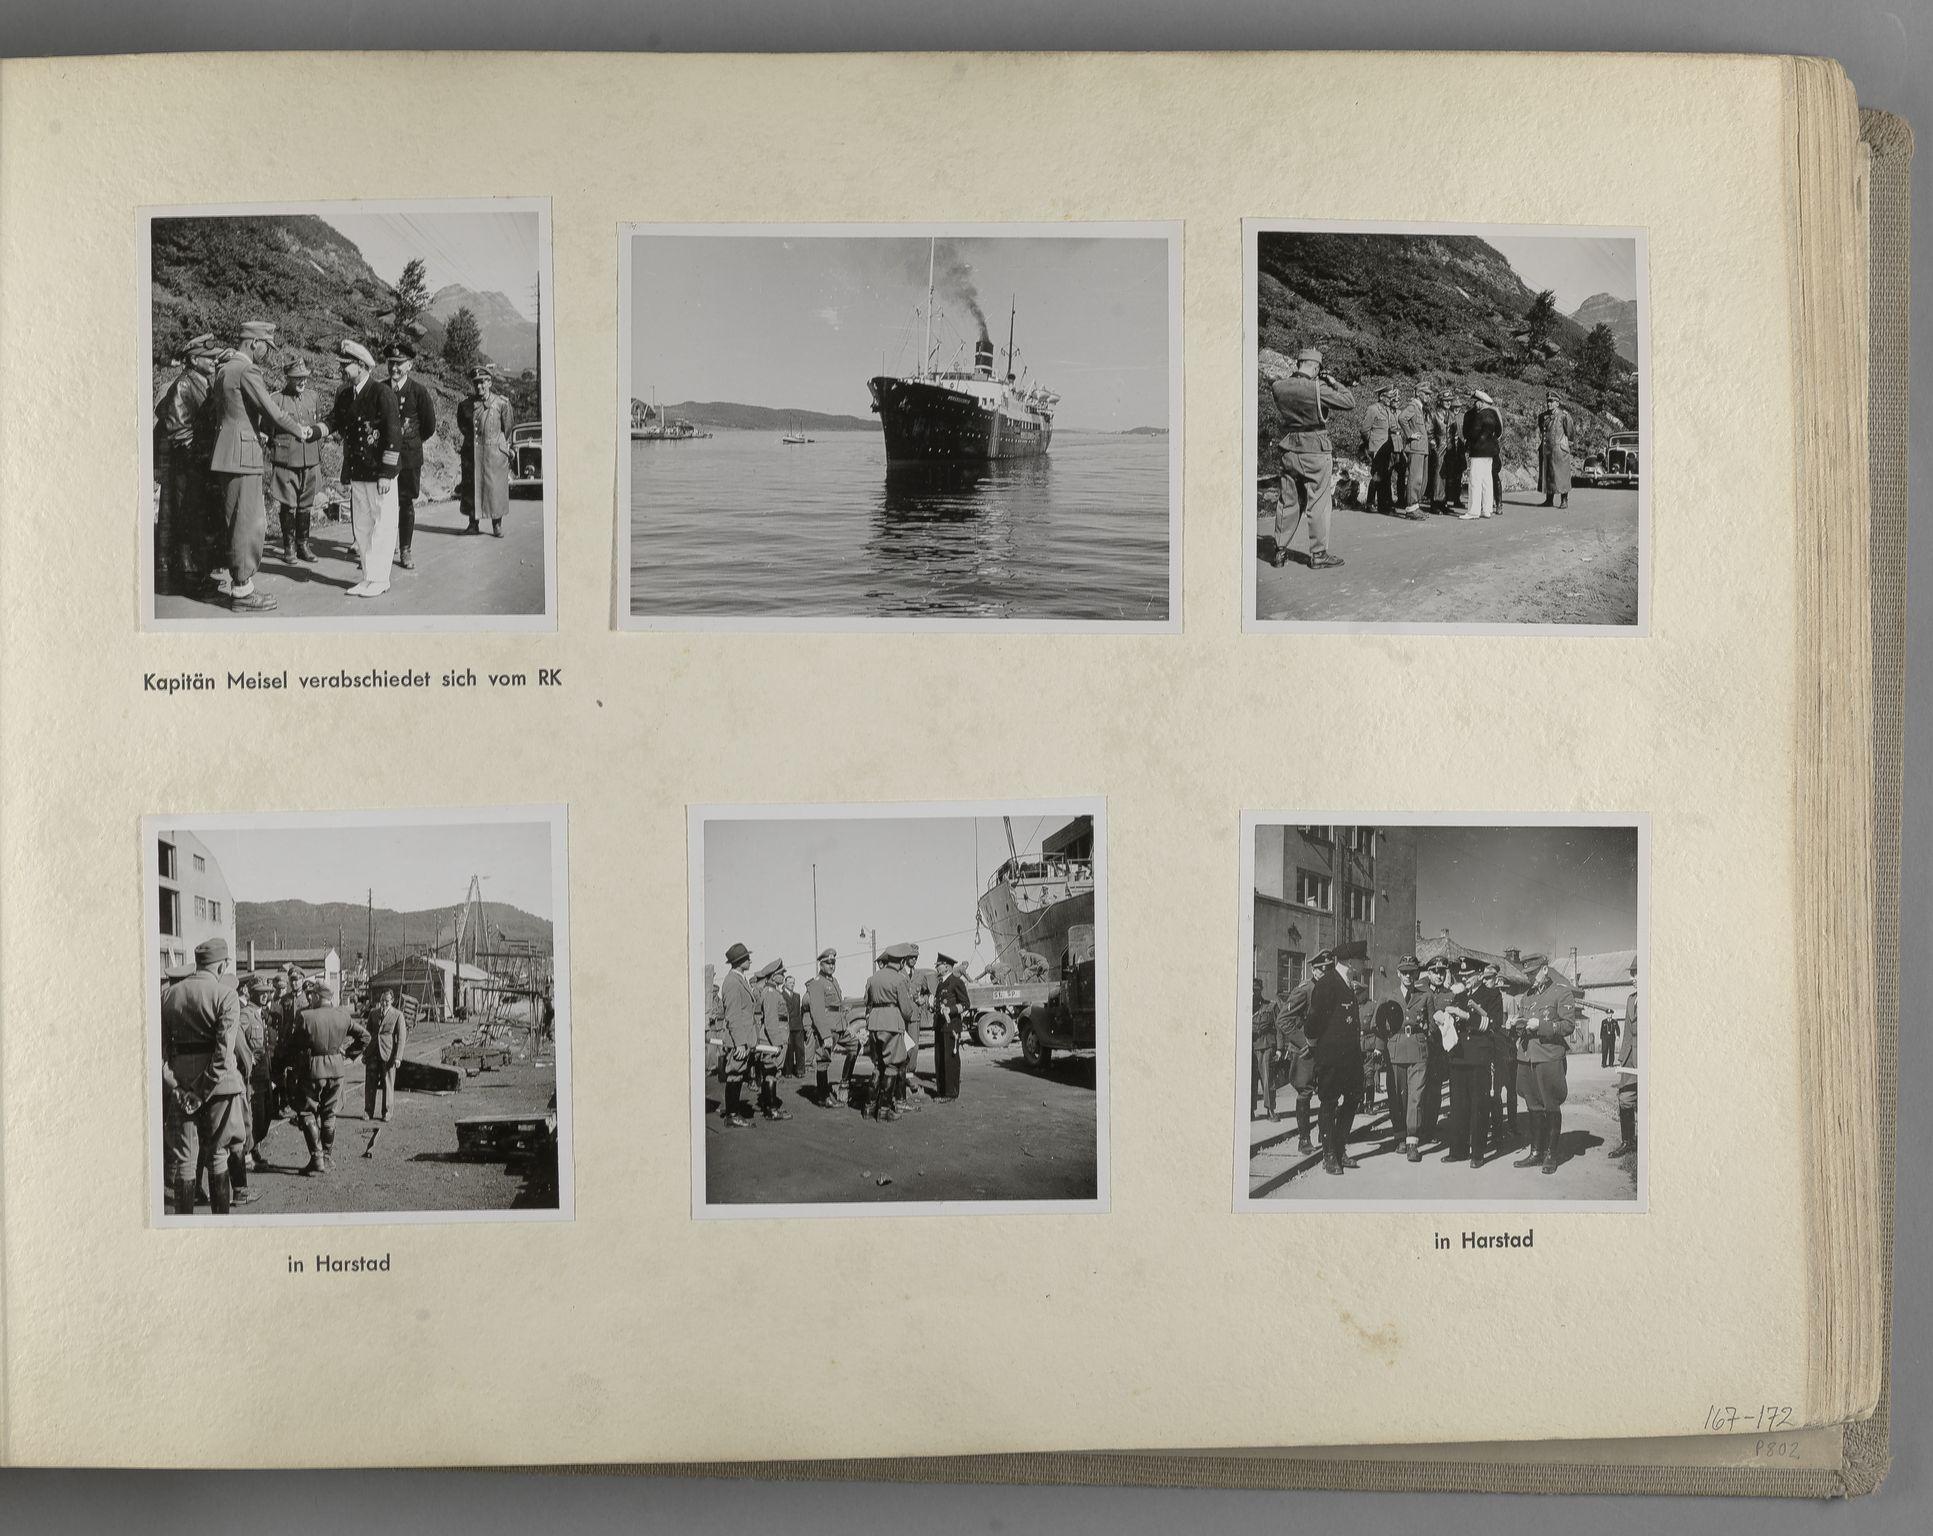 RA, Tyske arkiver, Reichskommissariat, Bildarchiv, U/L0071: Fotoalbum: Mit dem Reichskommissar nach Nordnorwegen und Finnland 10. bis 27. Juli 1942, 1942, s. 71